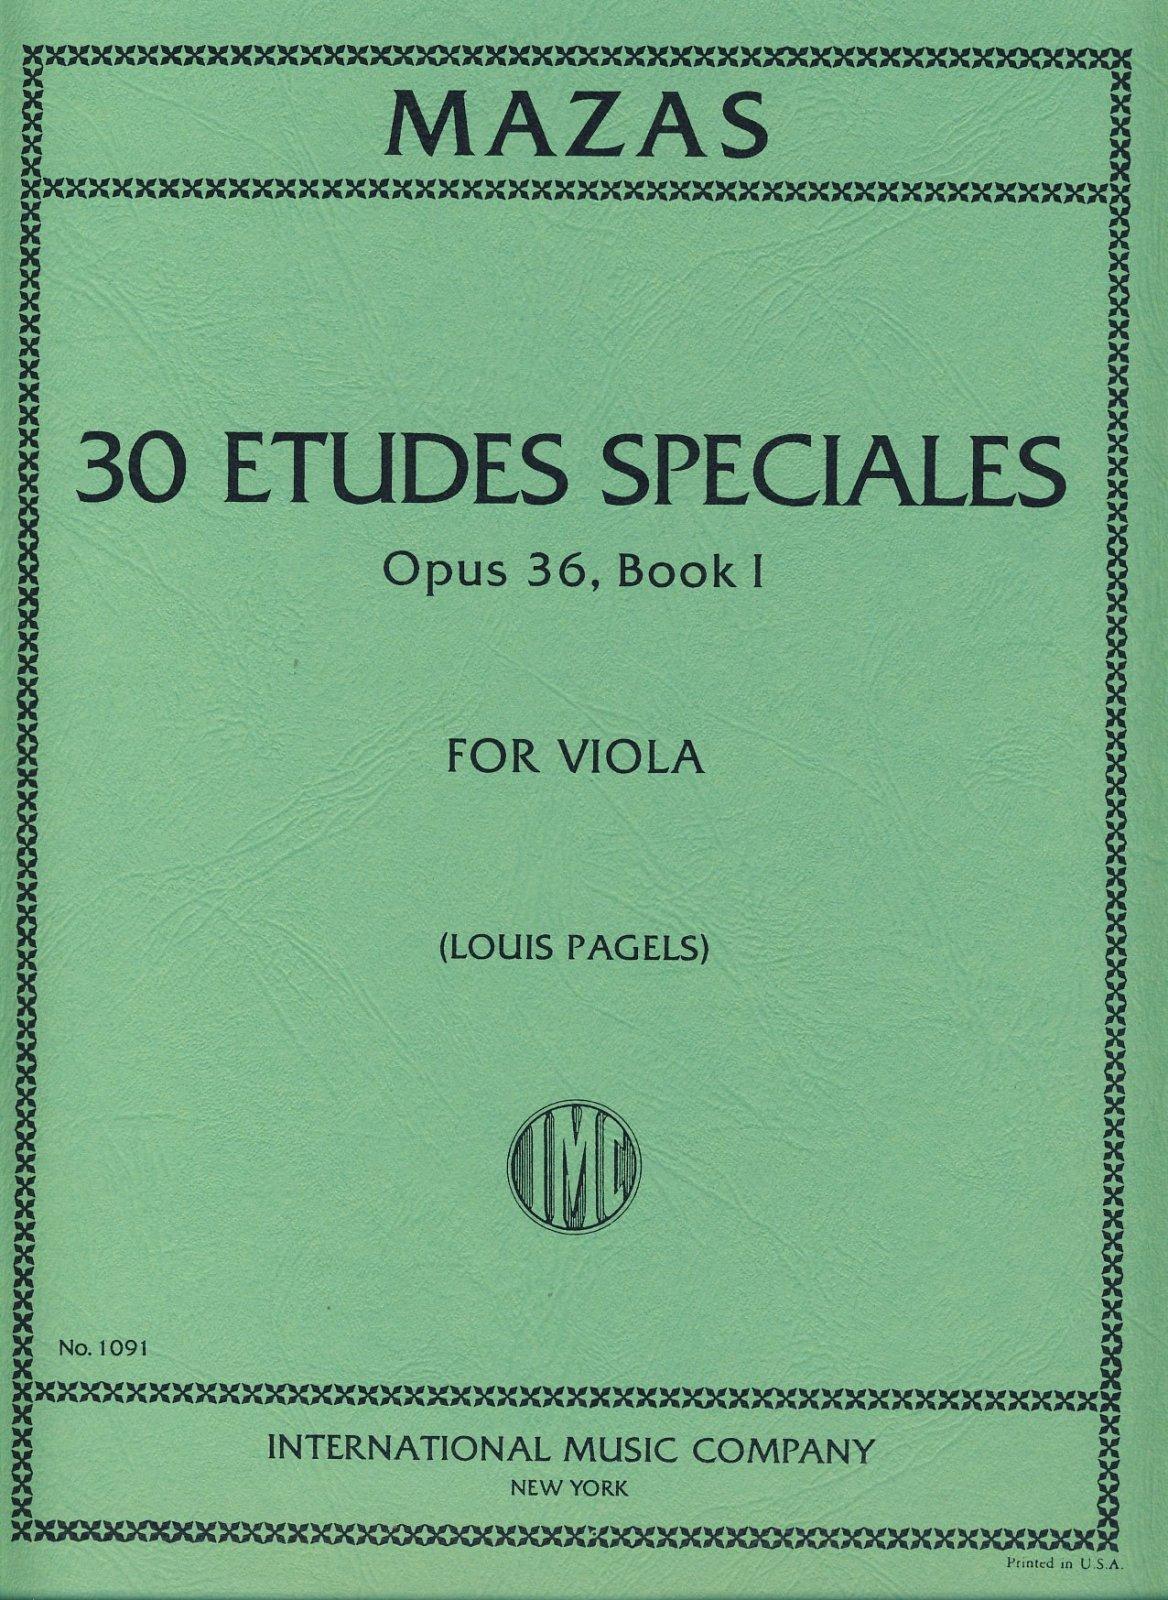 Mazas: Etudes Speciales Op. 36 Book 1 Ed. Pagels